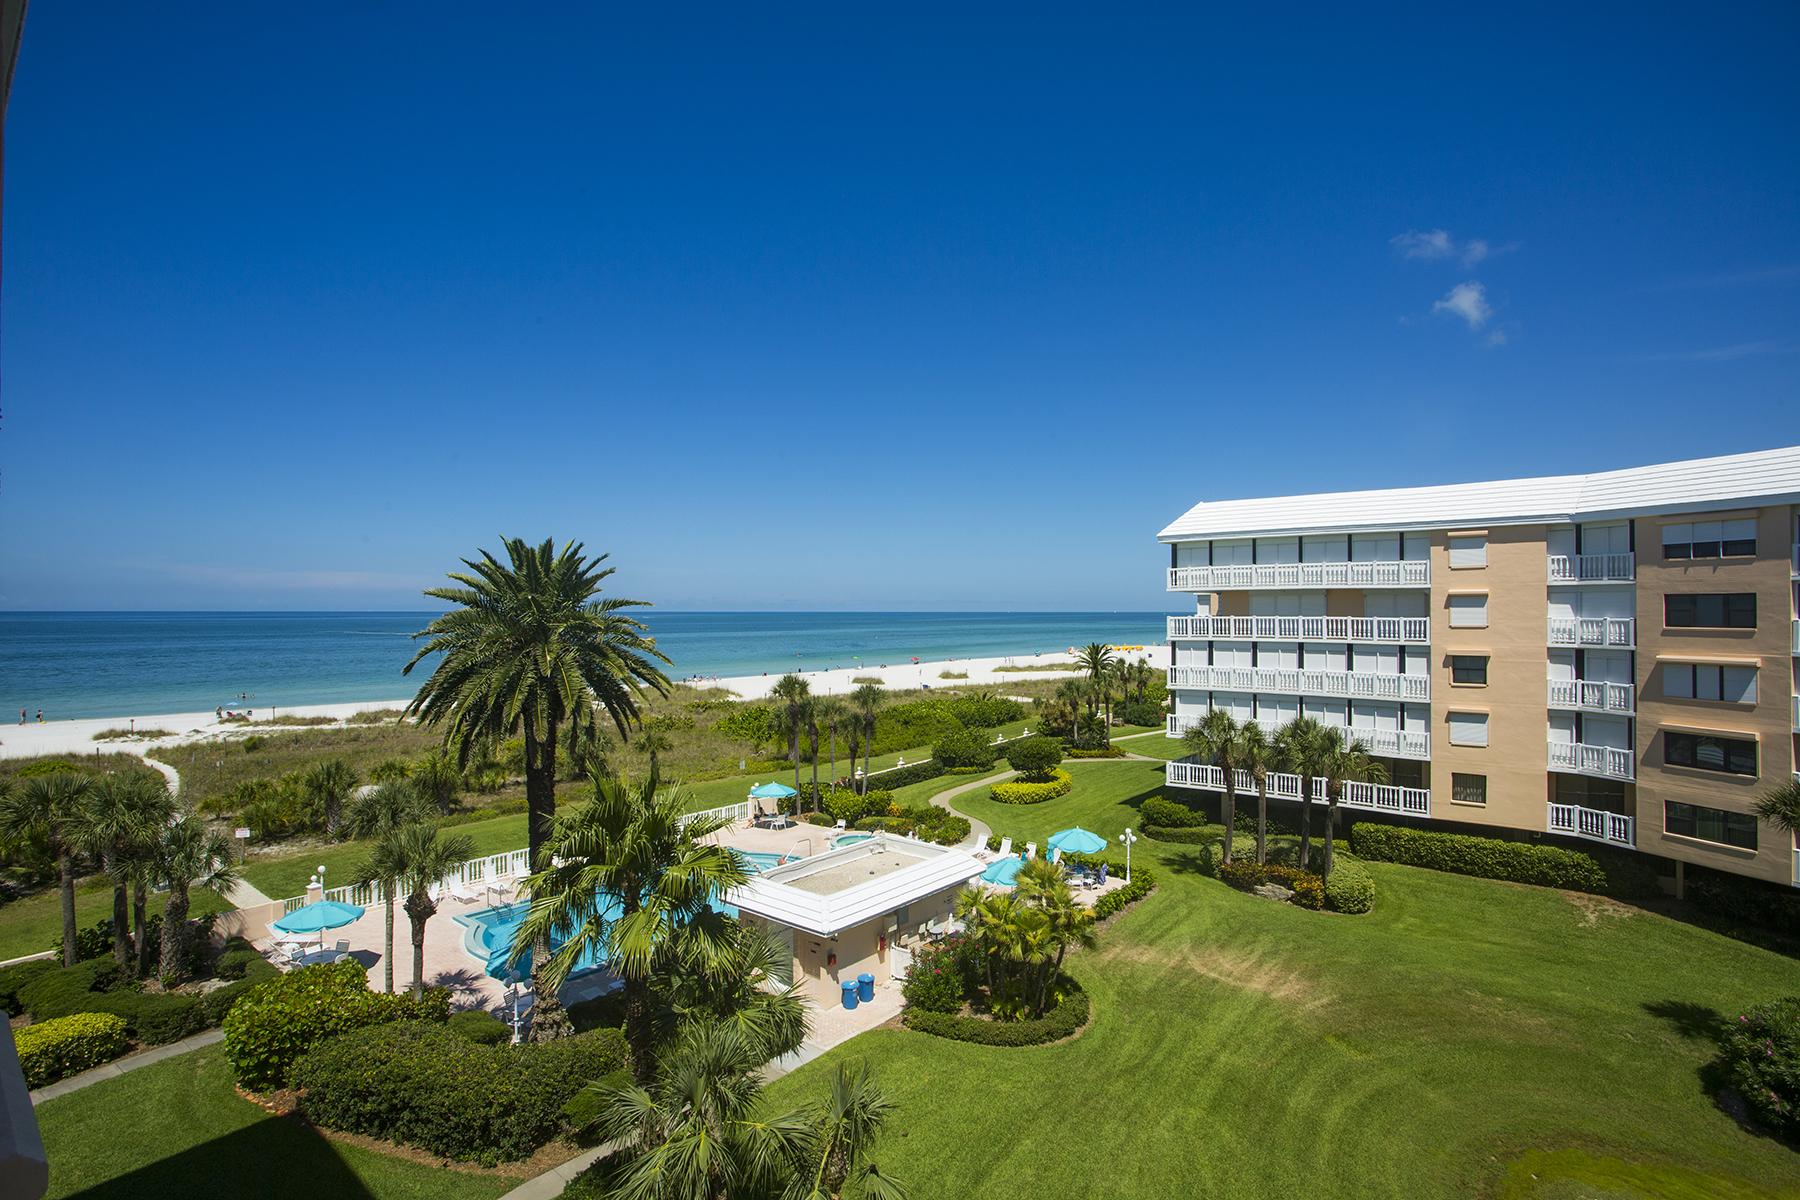 Кондоминиум для того Продажа на ST PETE BEACH 6500 Sunset Way 419 St. Pete Beach, Флорида, 33706 Соединенные Штаты